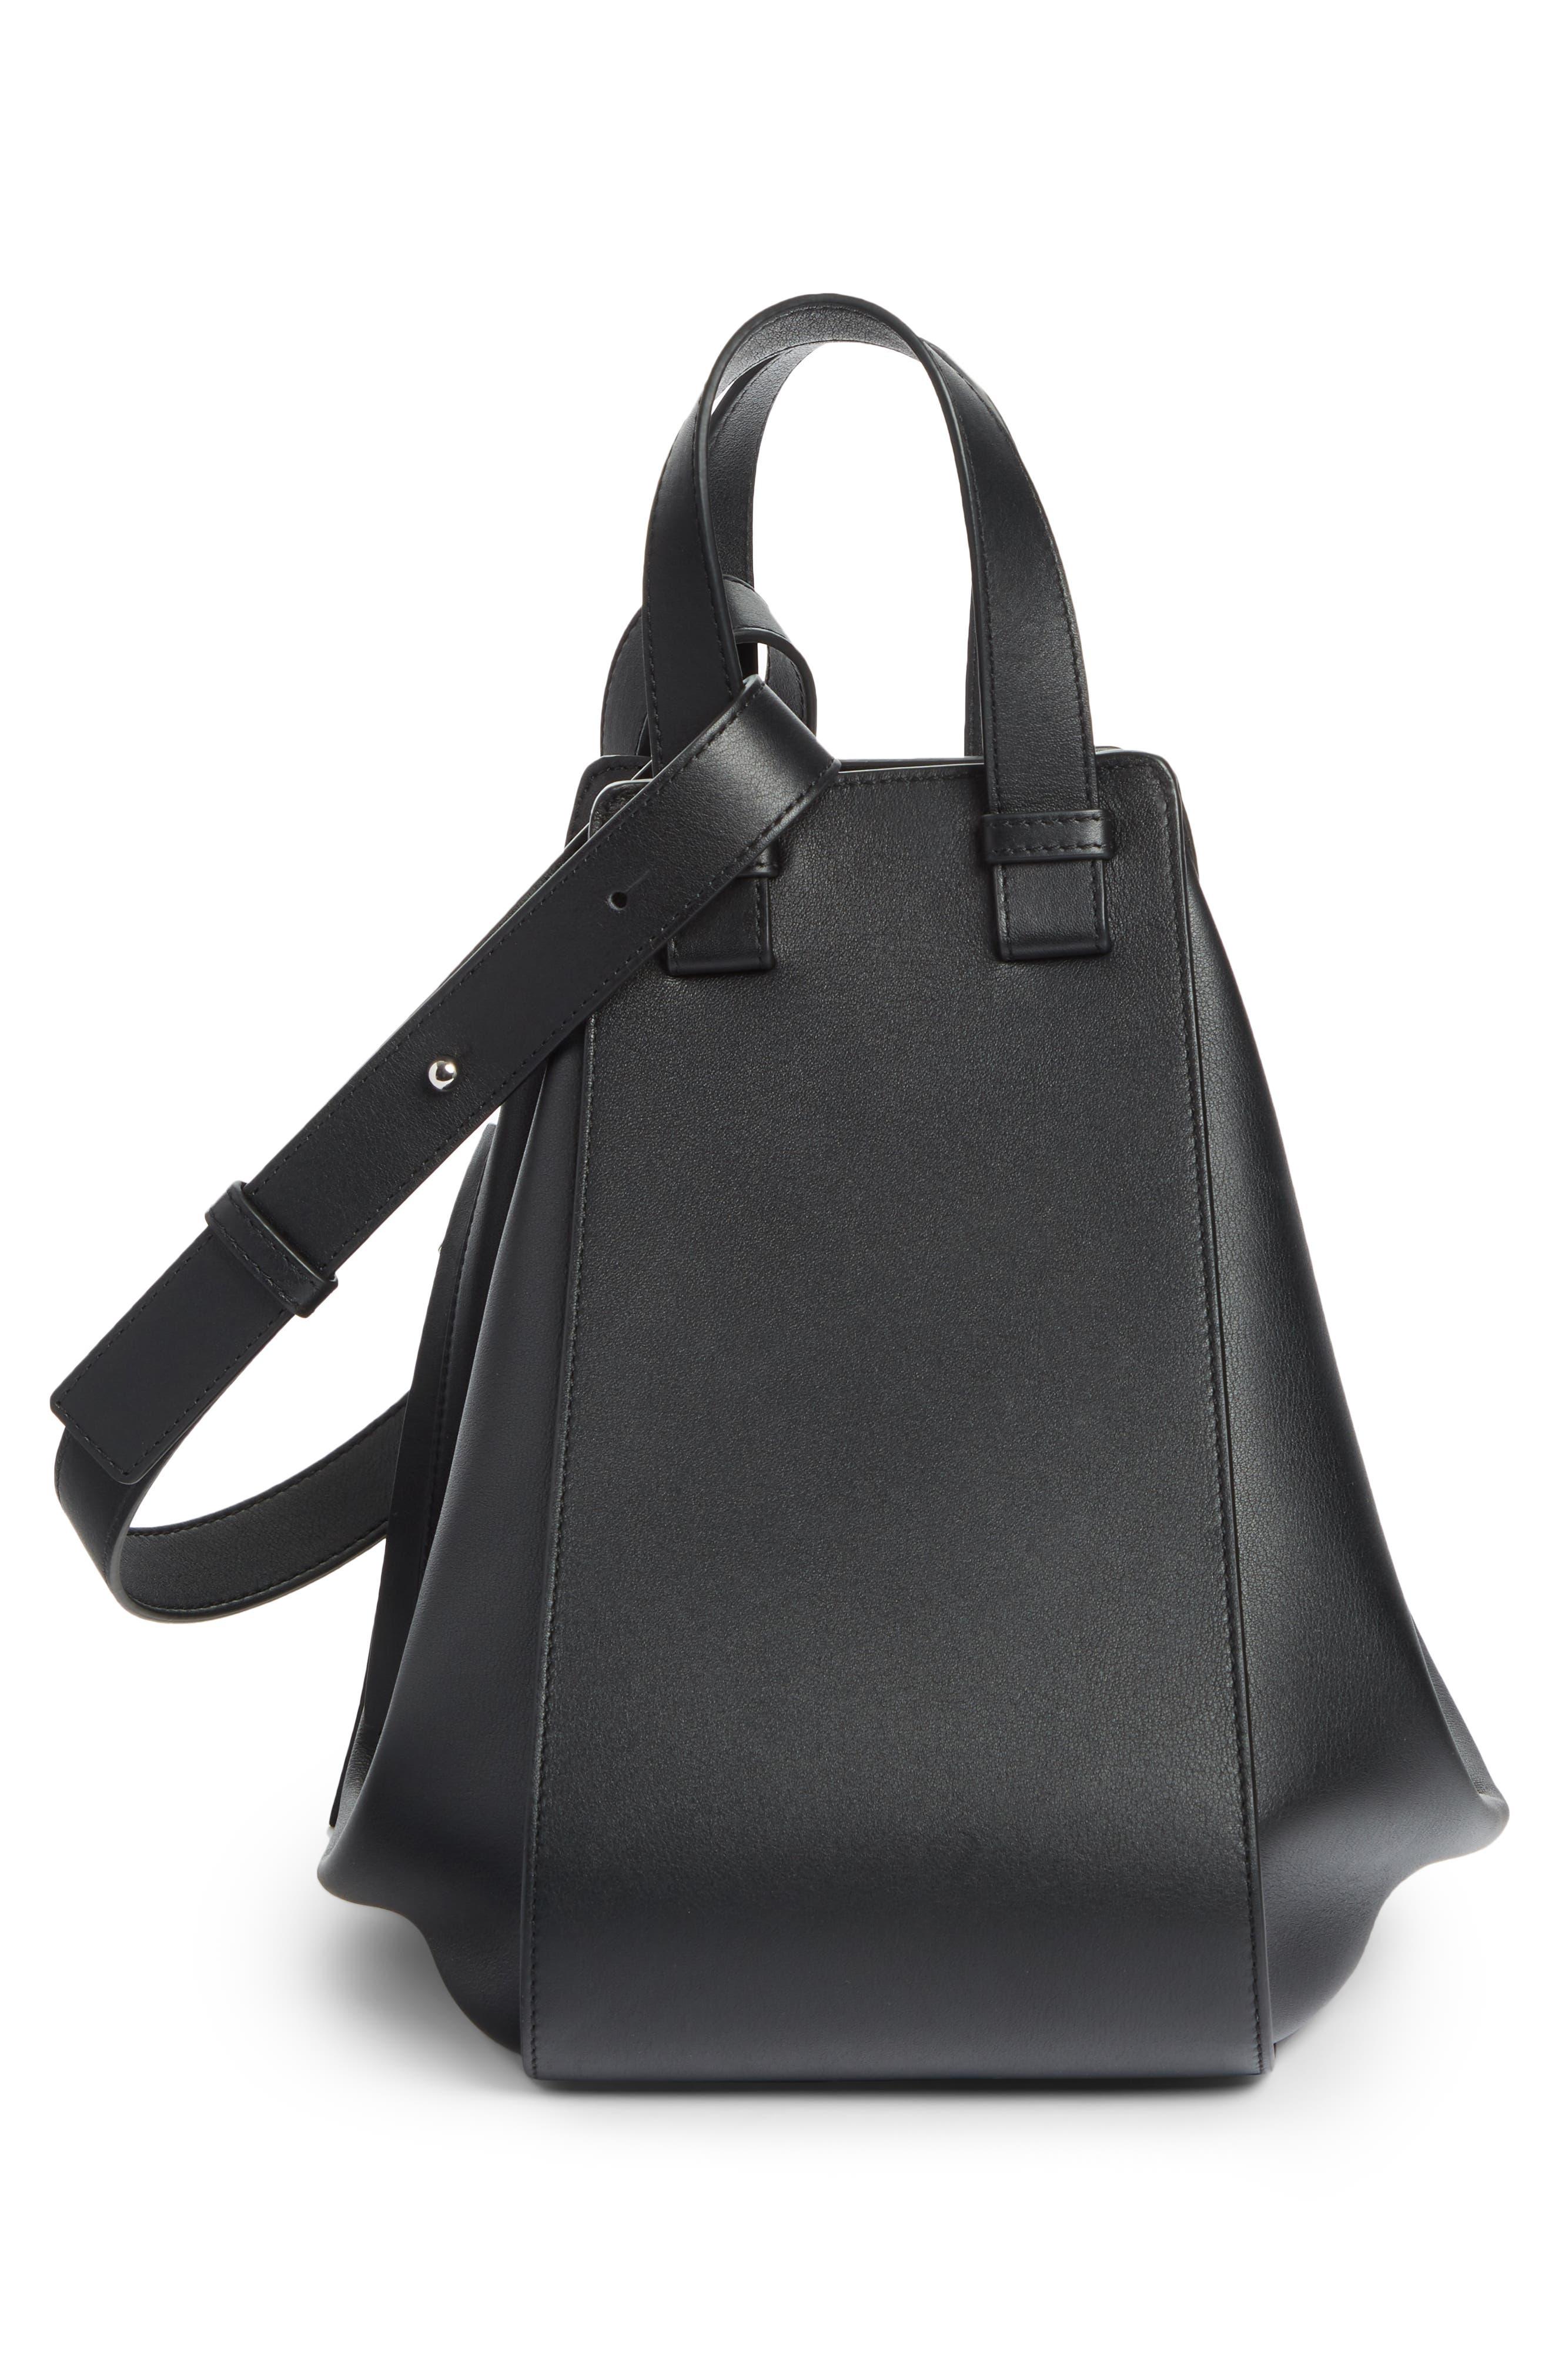 Medium Hammock Calfskin Leather Shoulder Bag,                             Alternate thumbnail 3, color,                             BLACK